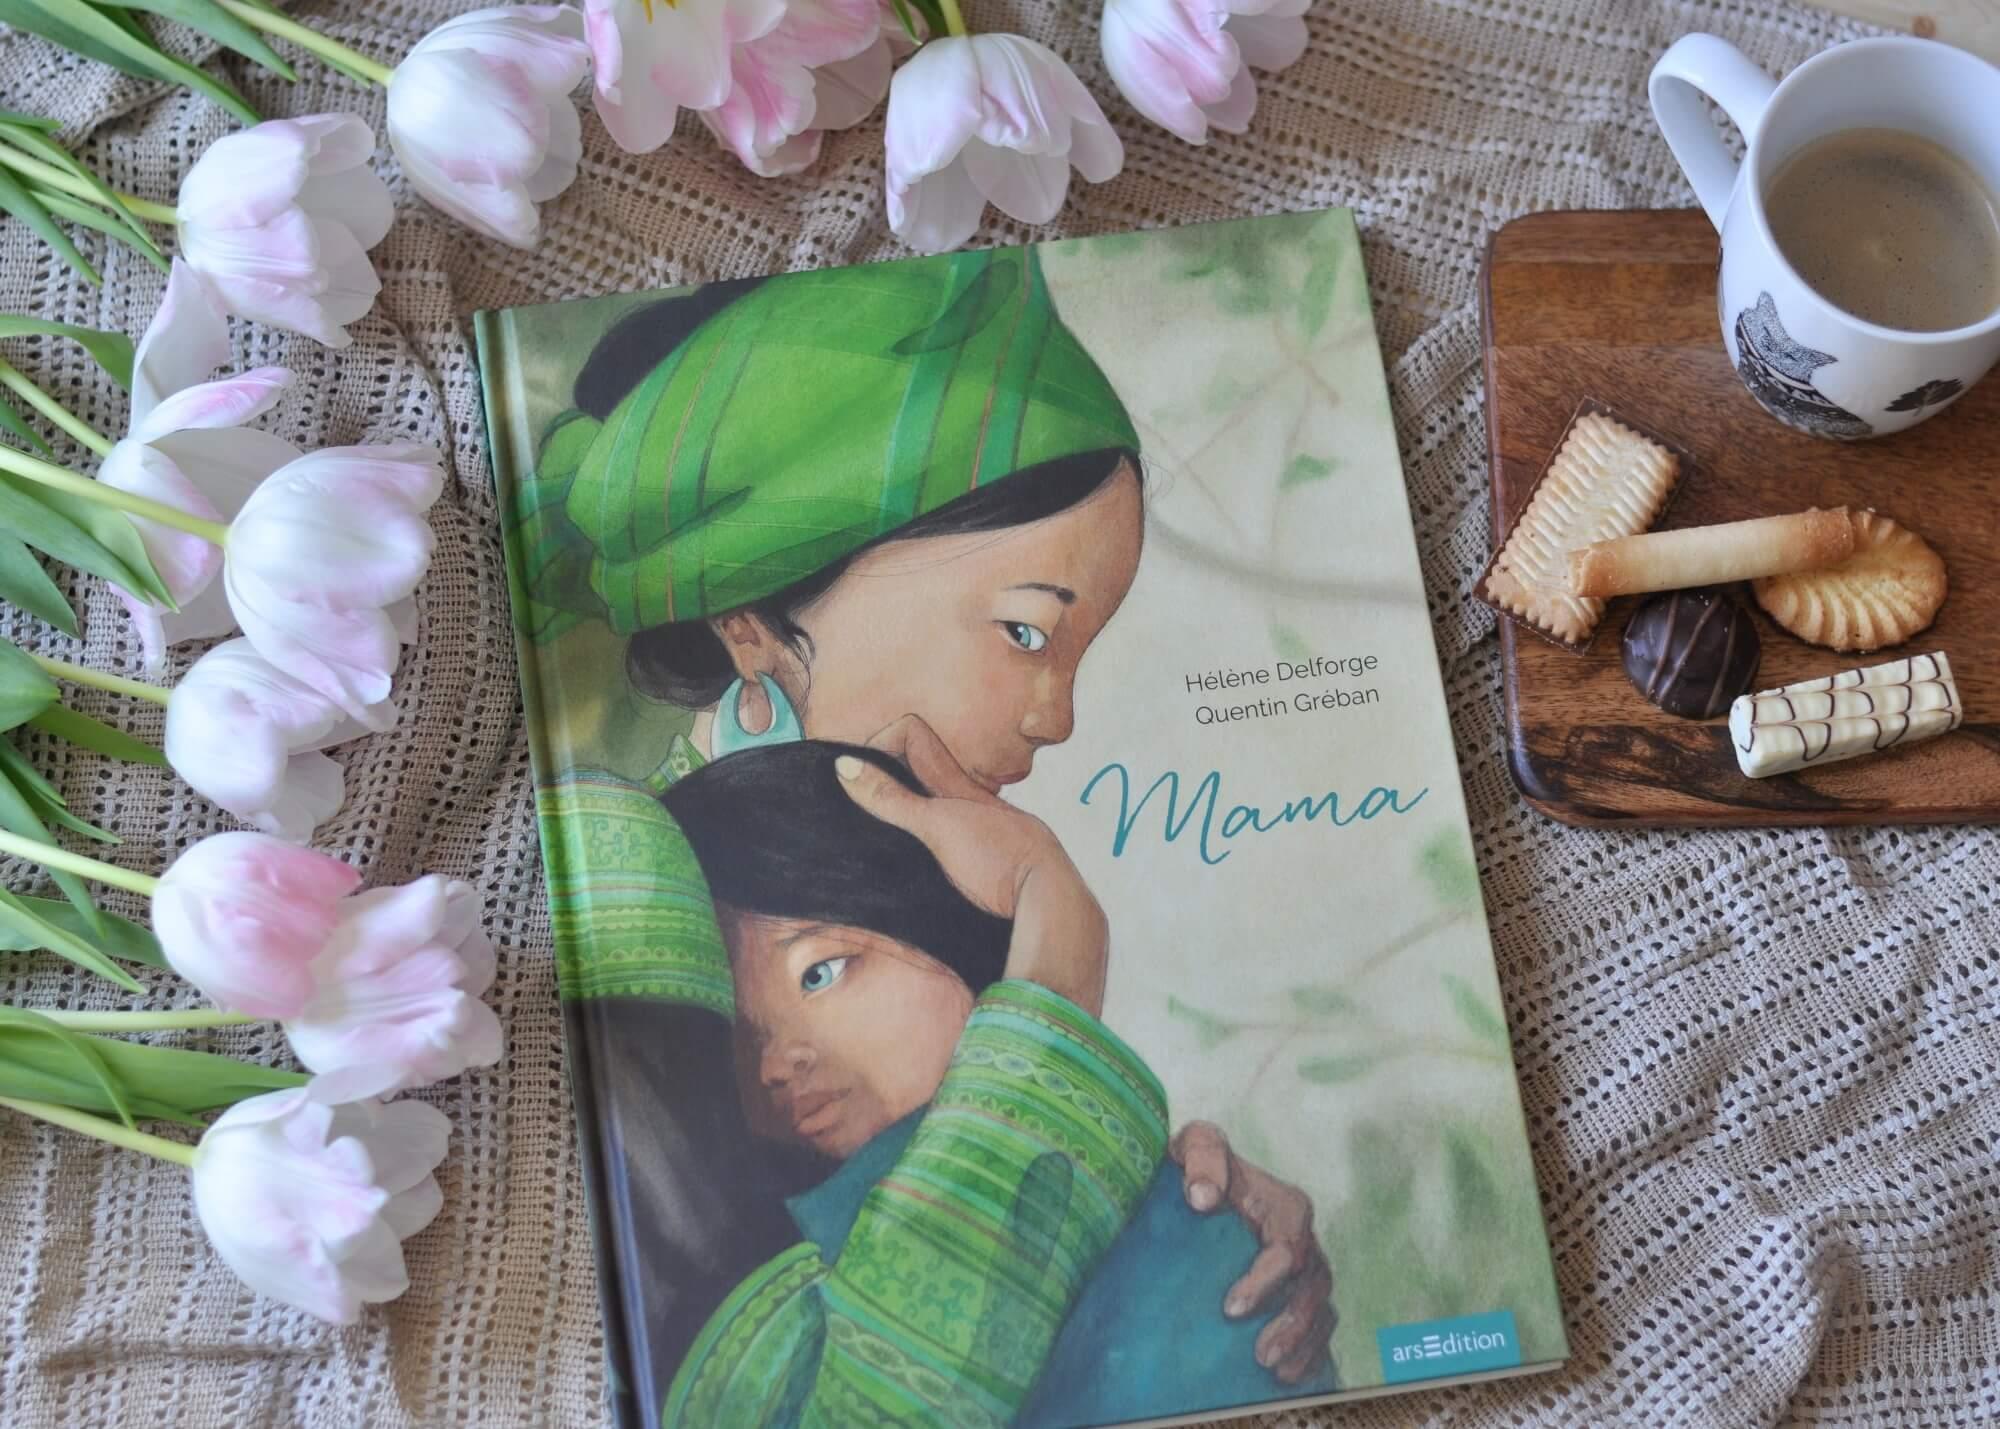 Eine Liebeserklärung an alle Mamas dieser Welt, it wundervollen Illustrationen. Ein perfektes Geschenk für frisch gebackene Mamas oder als Dankeschön an die eigene Mutter. #Mama #Geschenk #Muttertag #Liebe #Danke #Gedicht